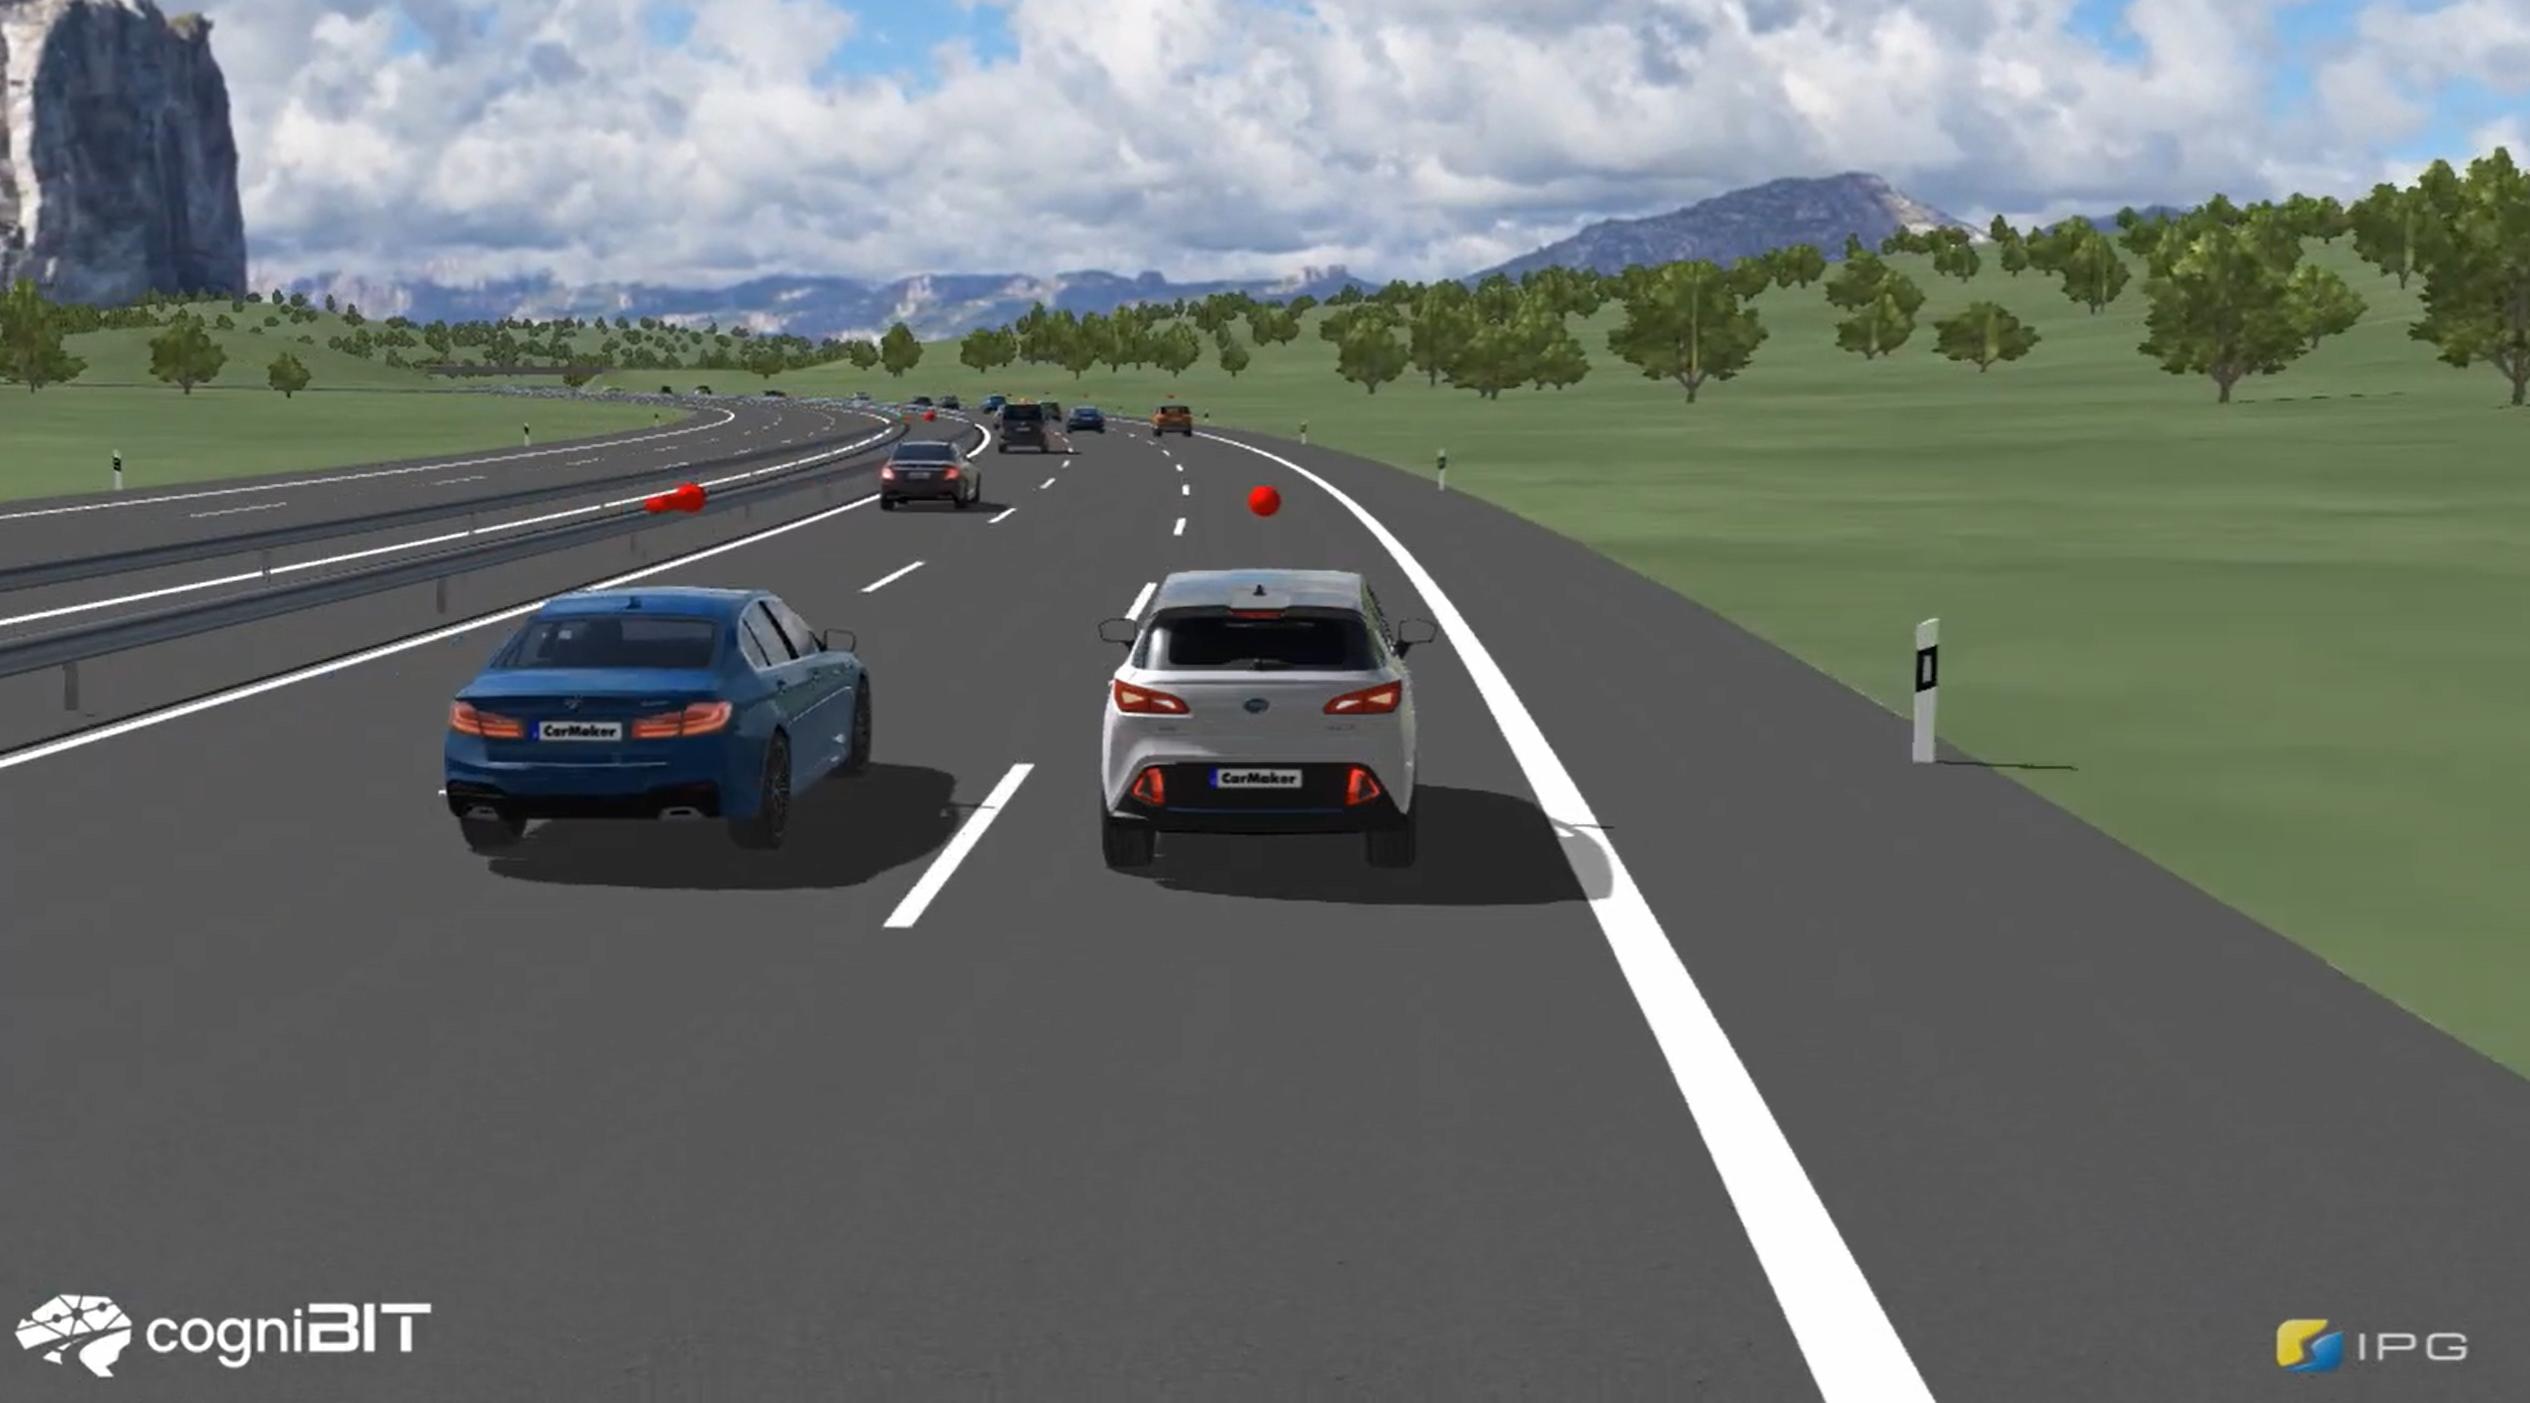 cogniBIT Traffic in IPG CarMaker